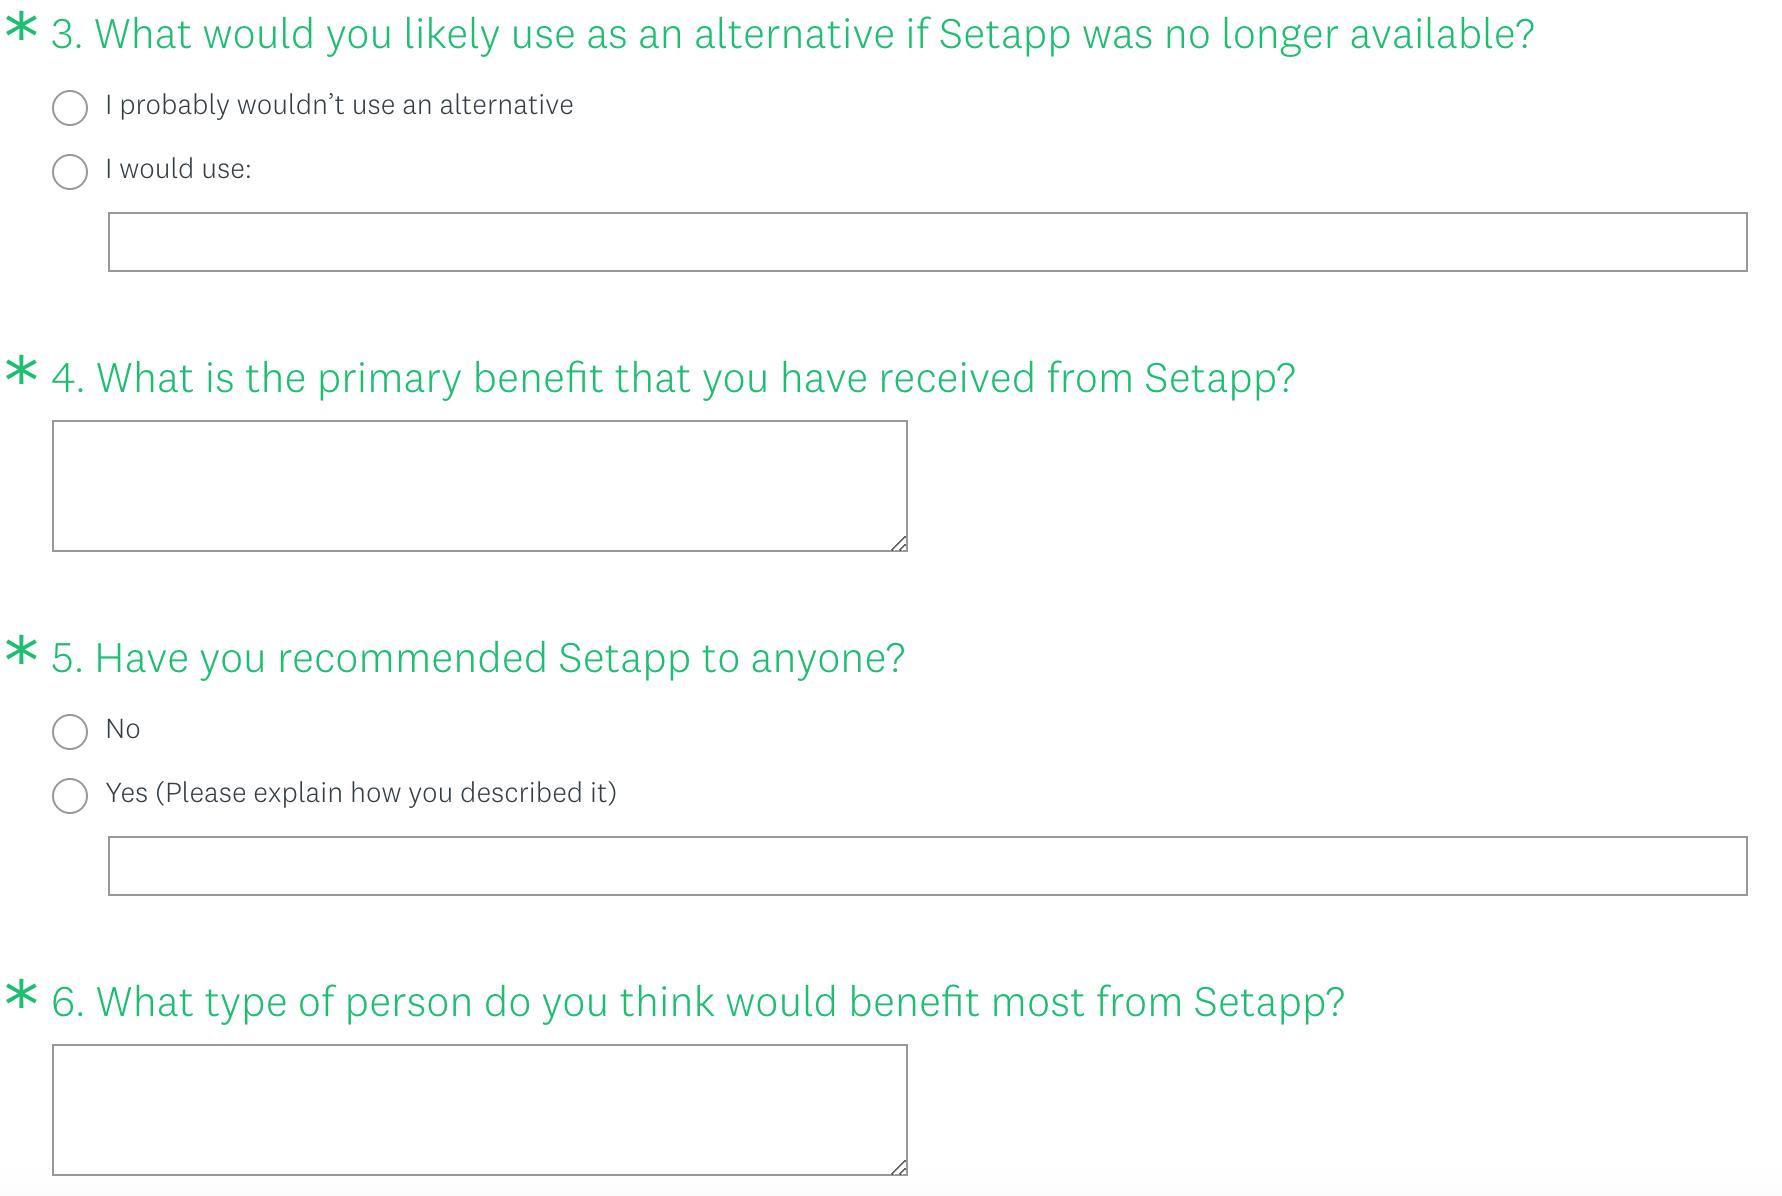 Survey questions 3-6